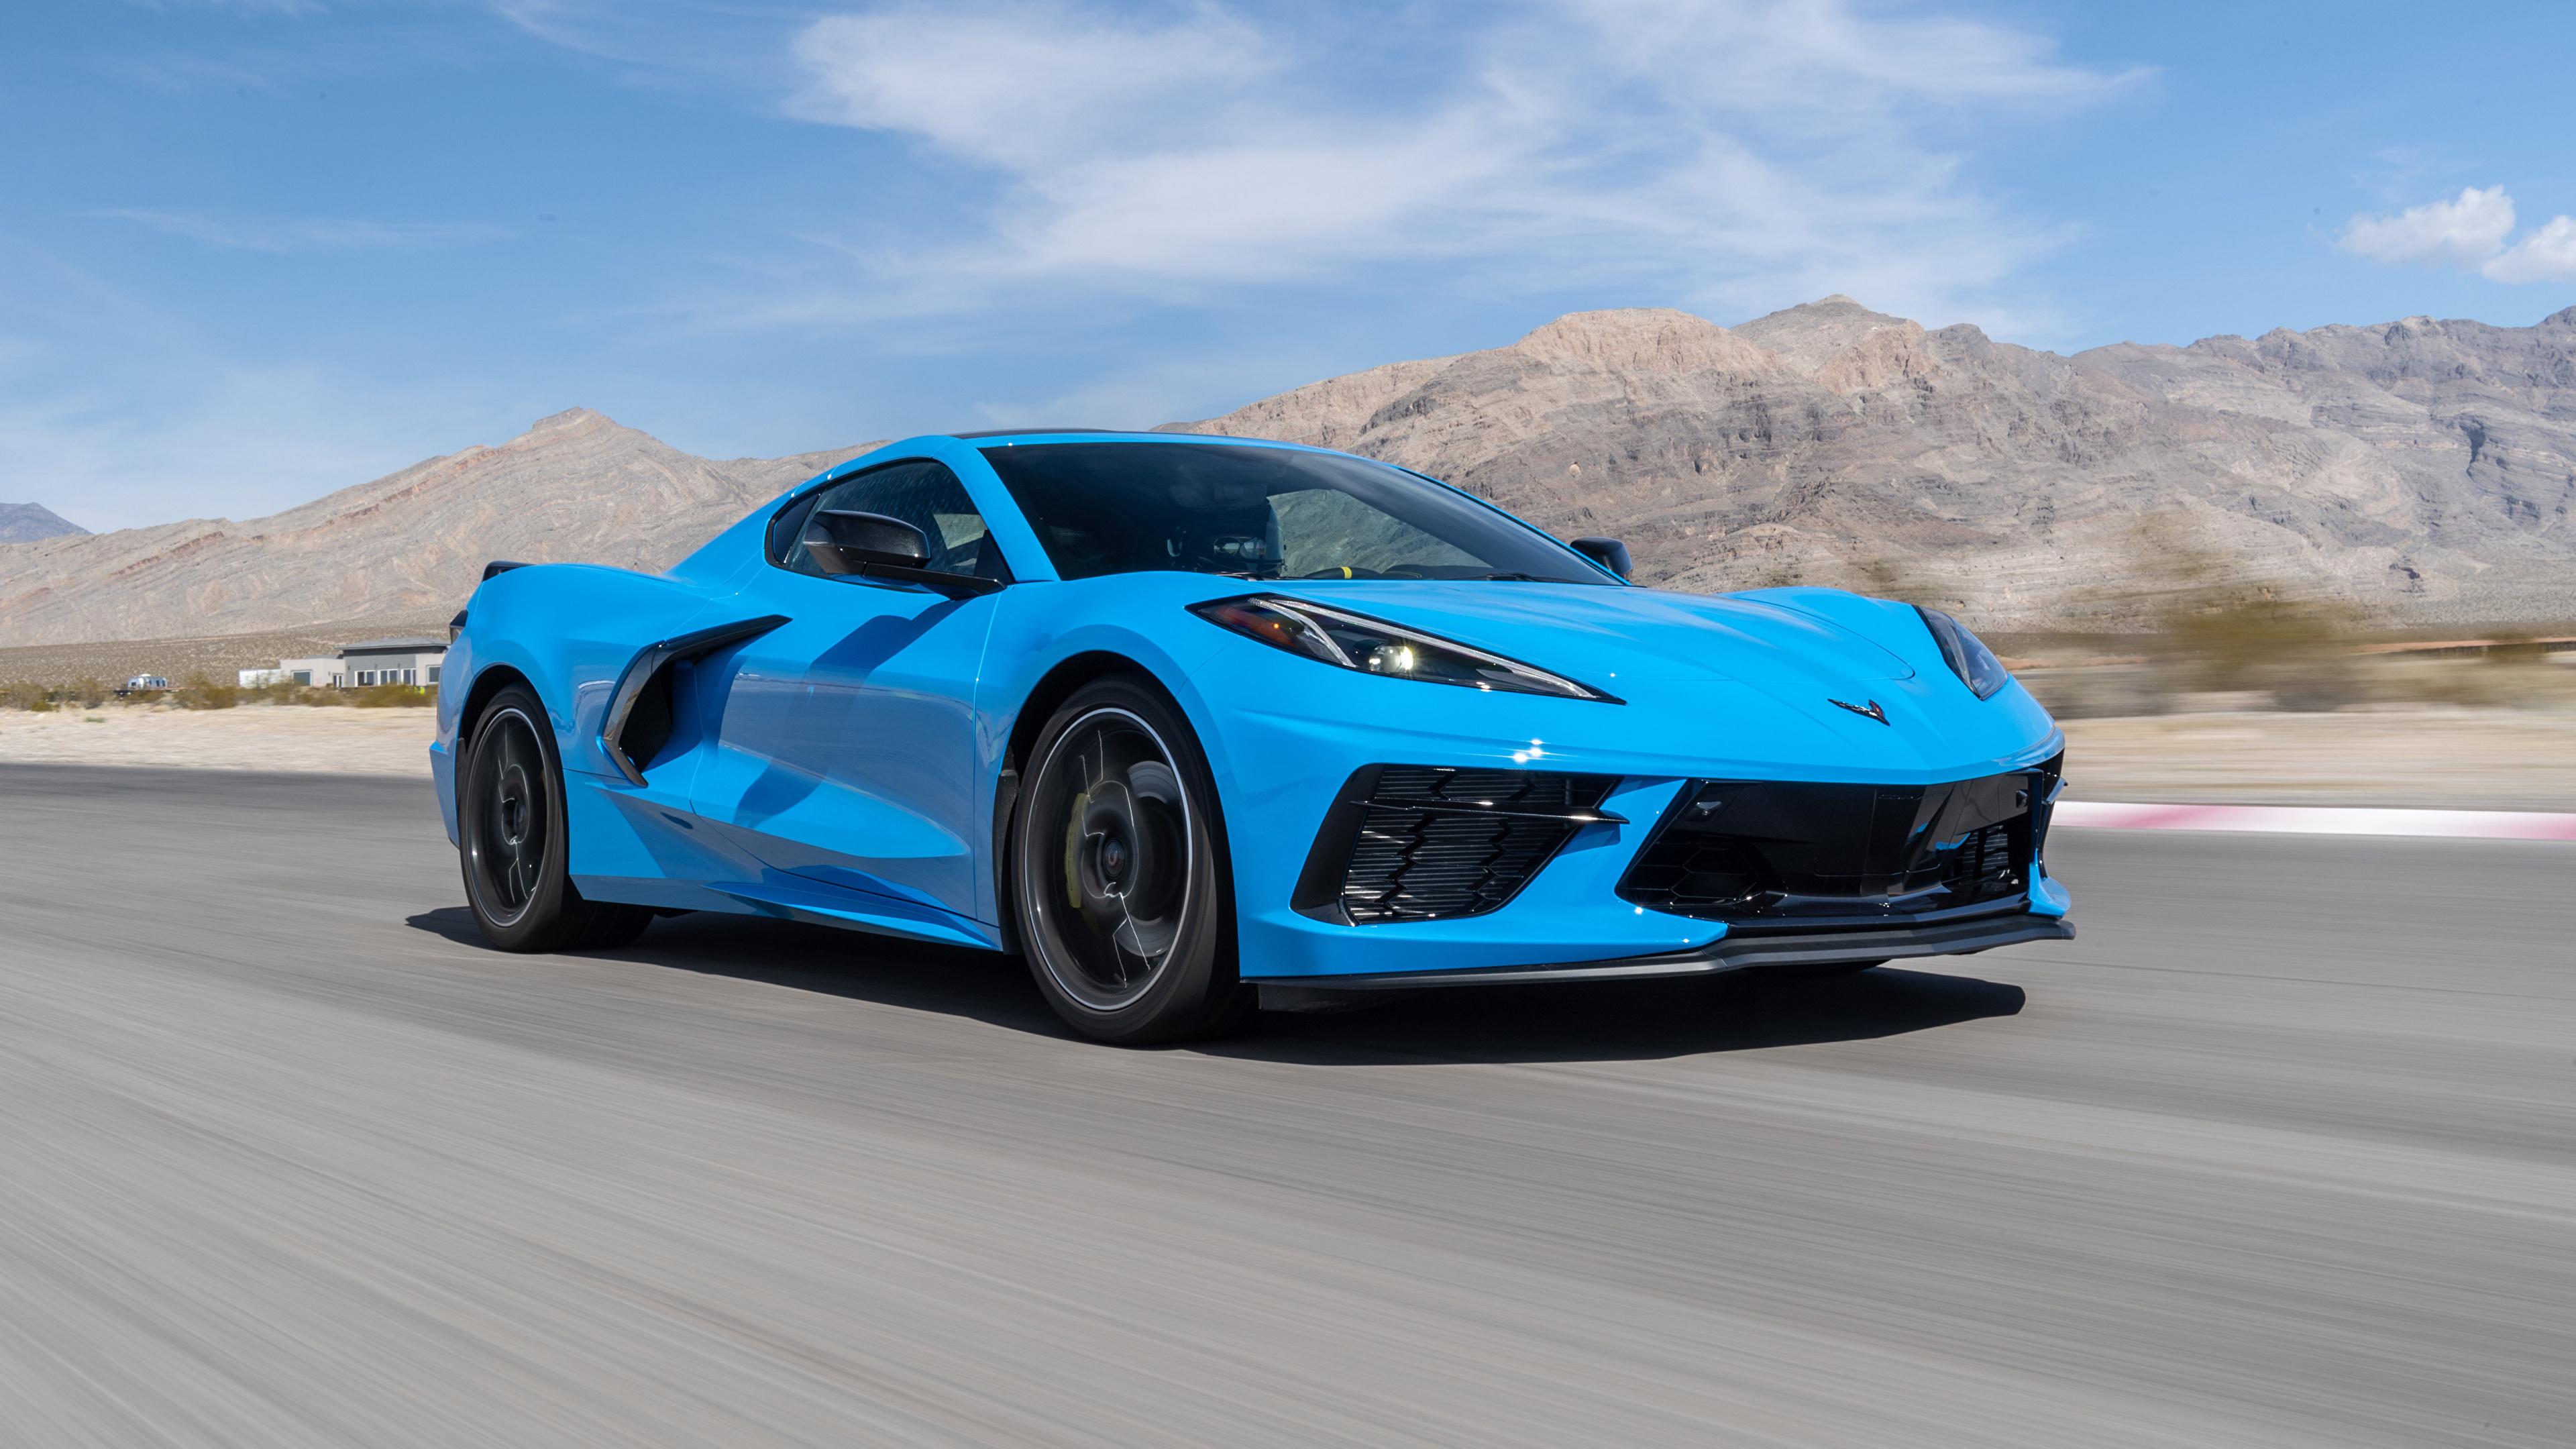 Картинки Chevrolet 2020 Corvette Stingray Z51 голубая едет авто 3840x2160 Шевроле Голубой голубые голубых едущий едущая скорость Движение машина машины Автомобили автомобиль